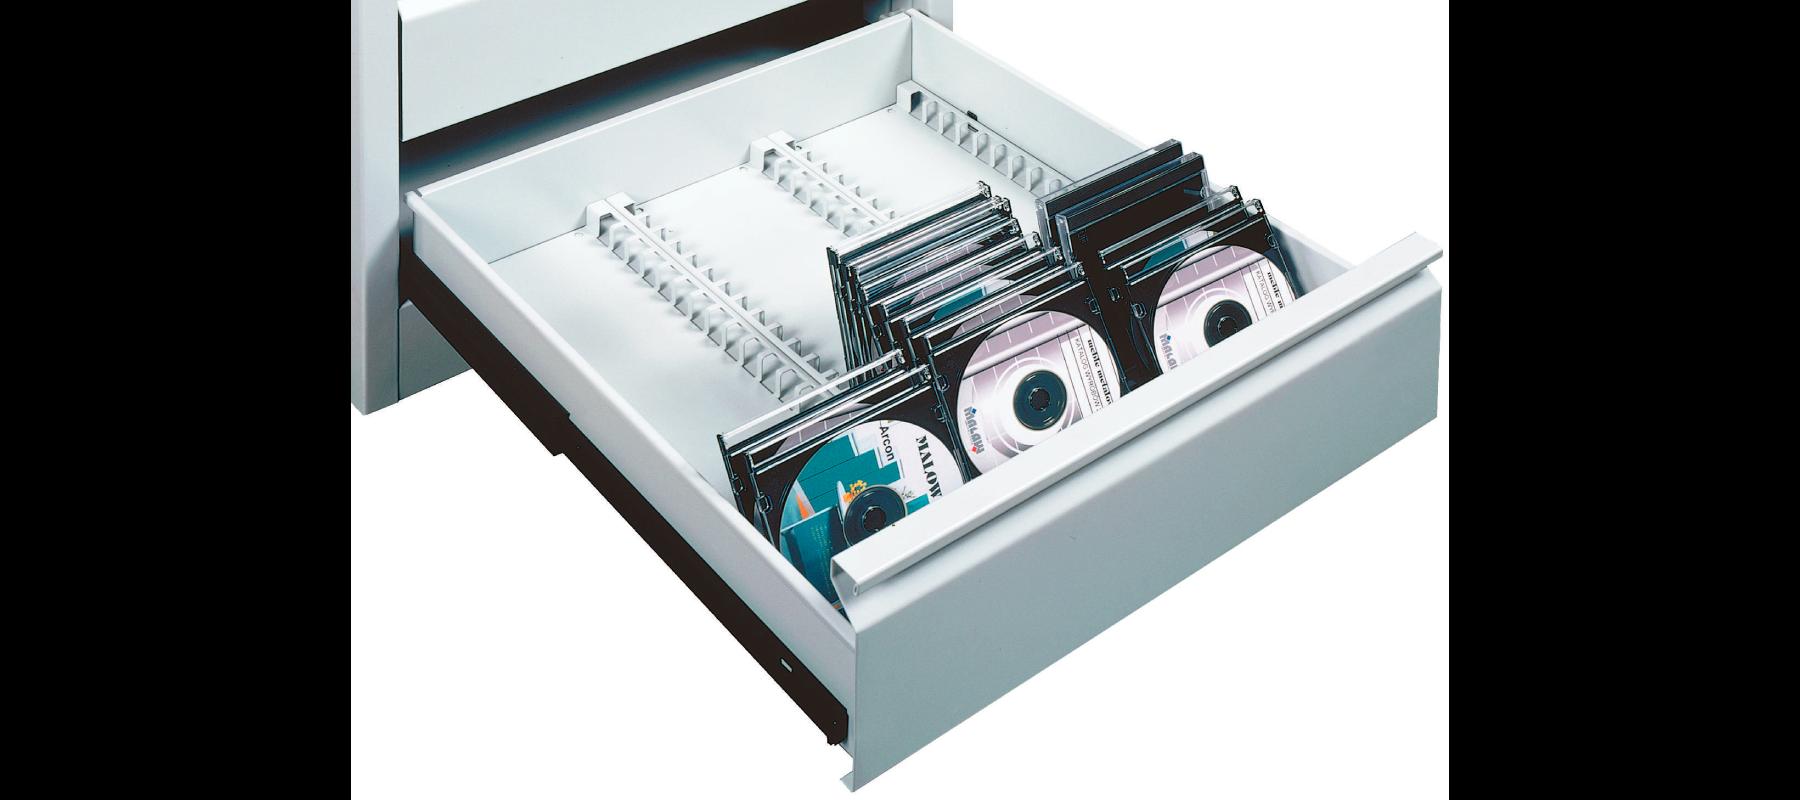 meble metalowe metalowe meble biurowe szafy szufladowe mw detale - 05